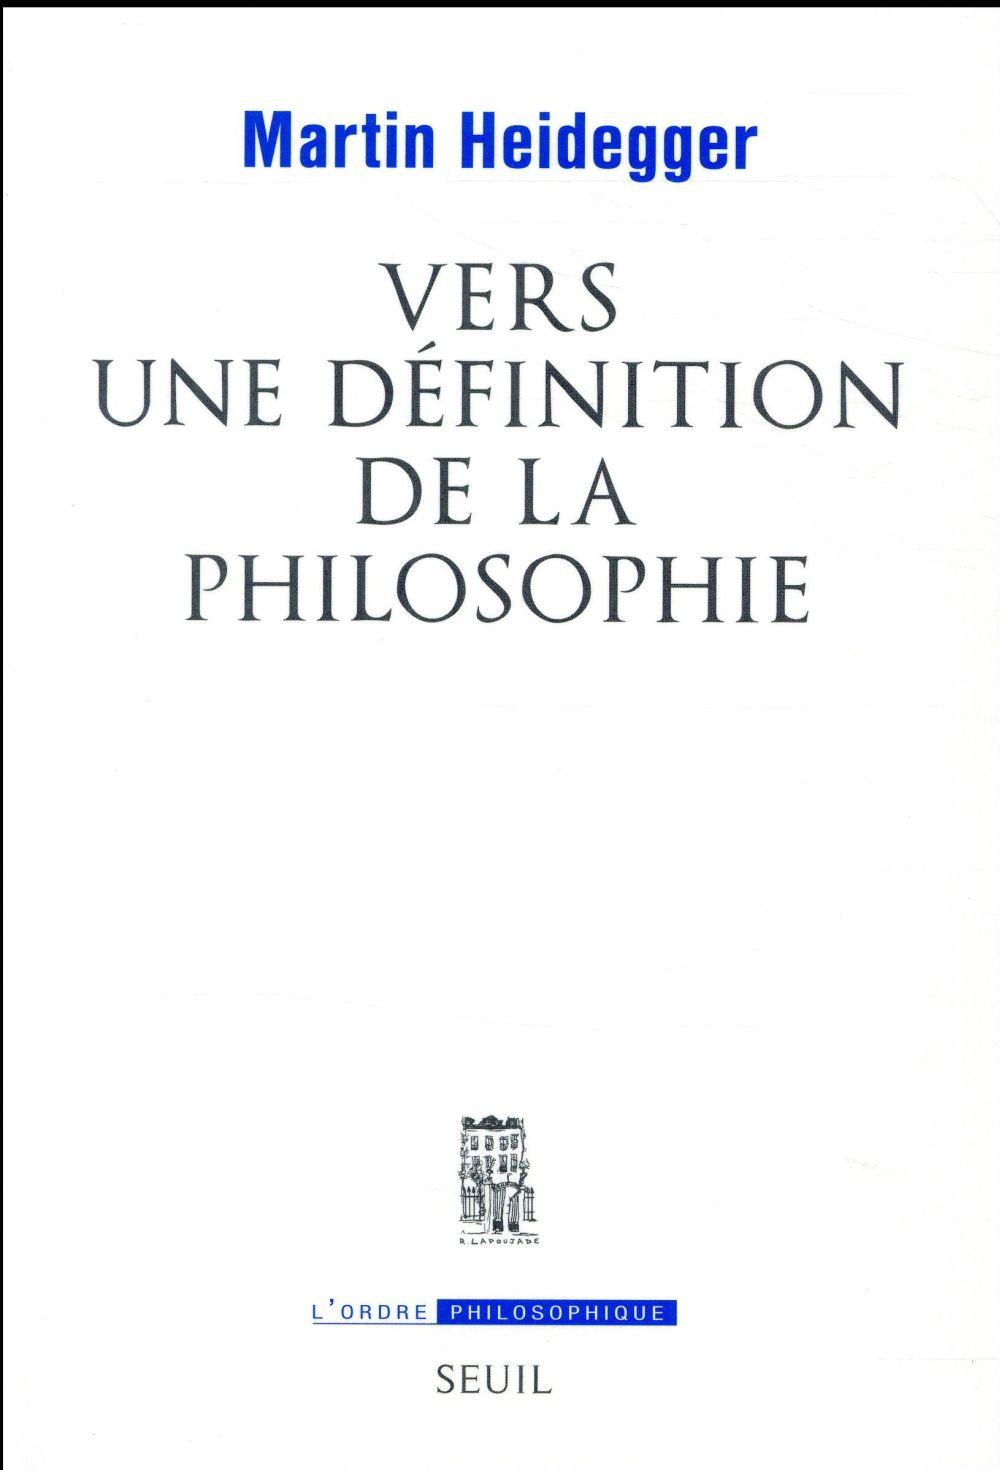 Vers une définition de la philosophie